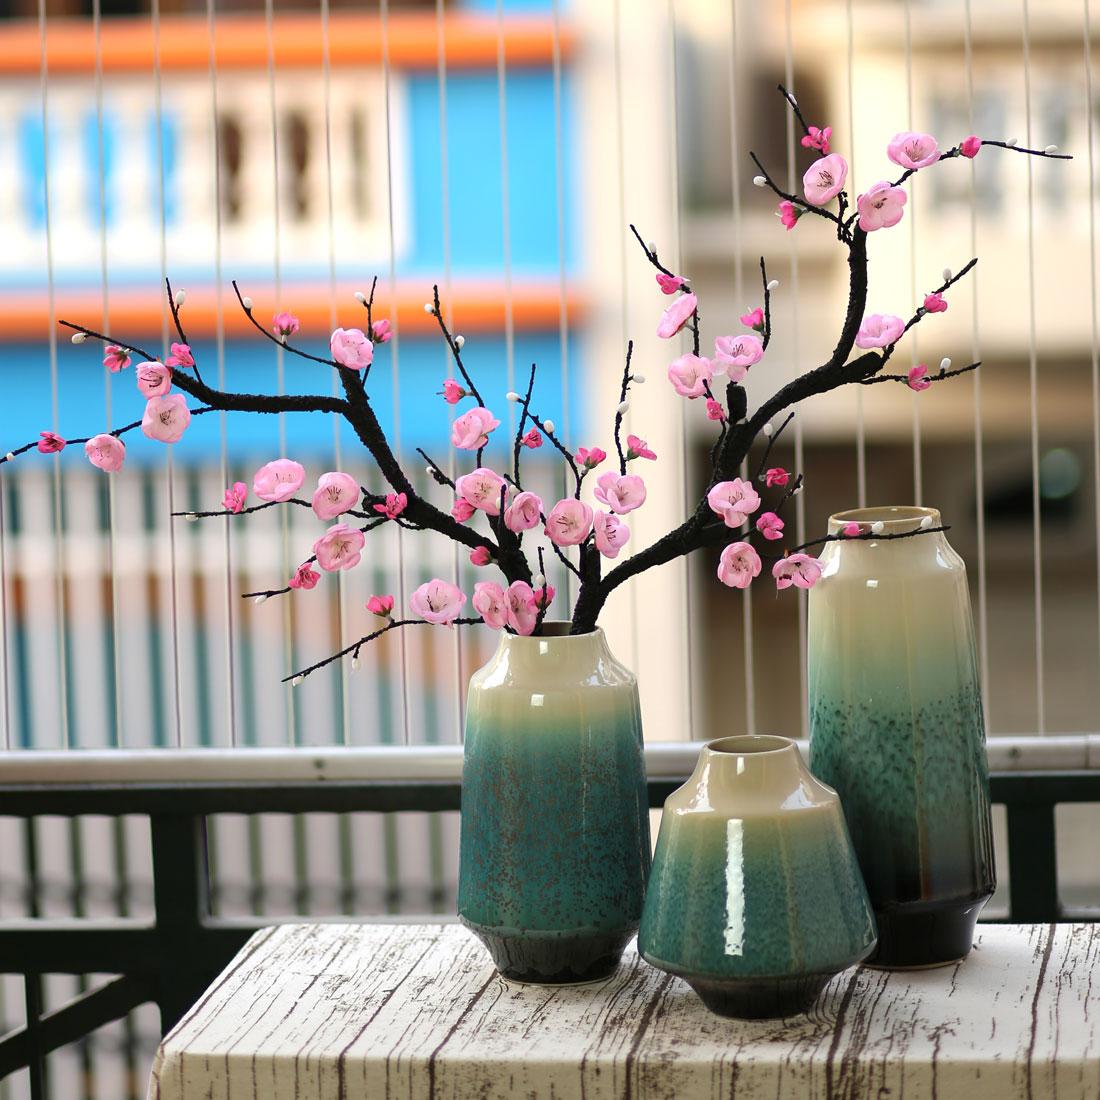 Bình hoa đào trang trí - BH778-1